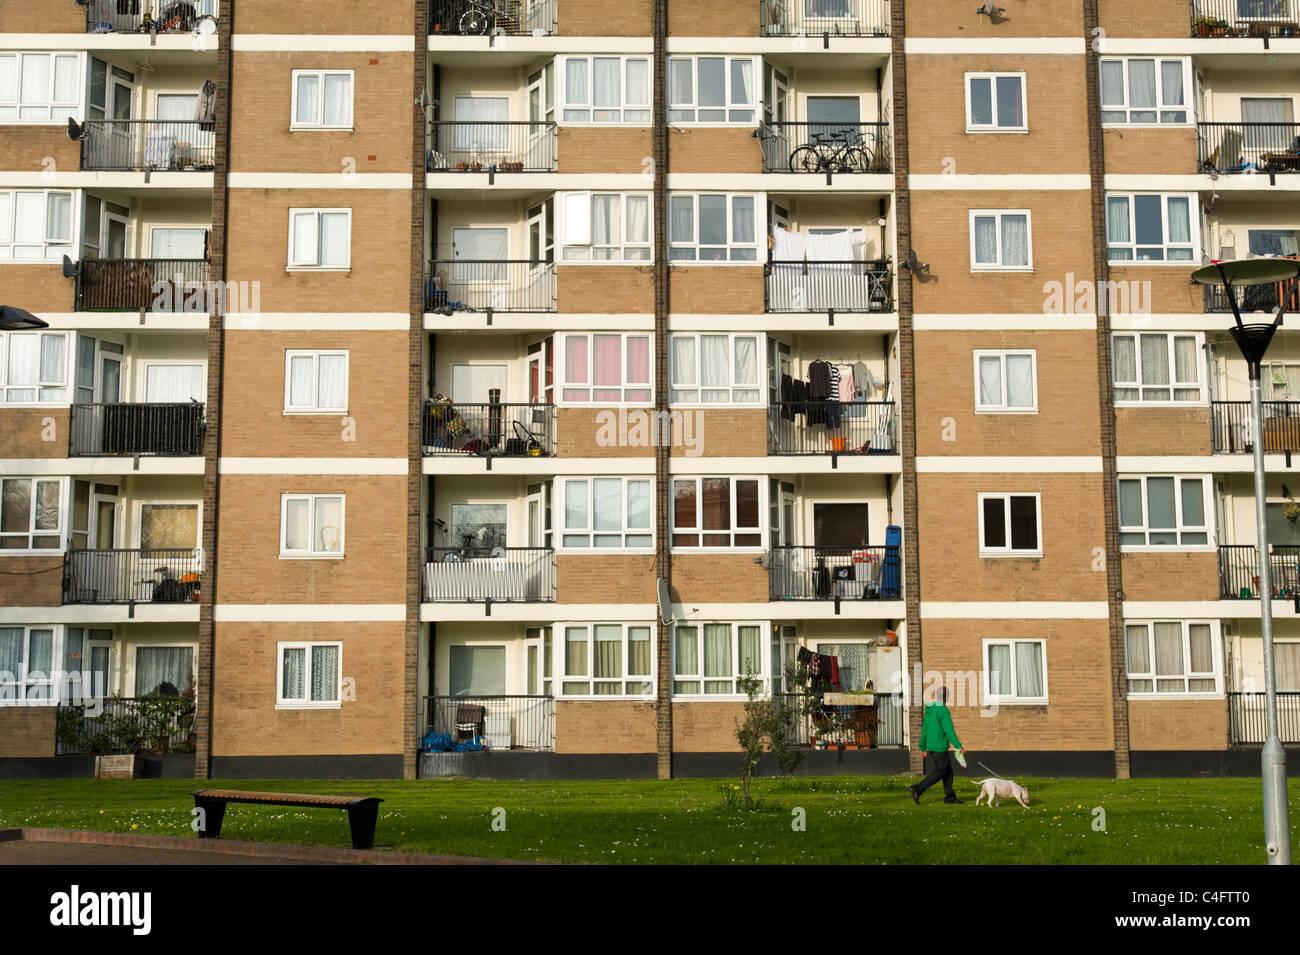 Consejo de bloque de pisos, Hackney, Londres, Reino Unido. Foto de stock